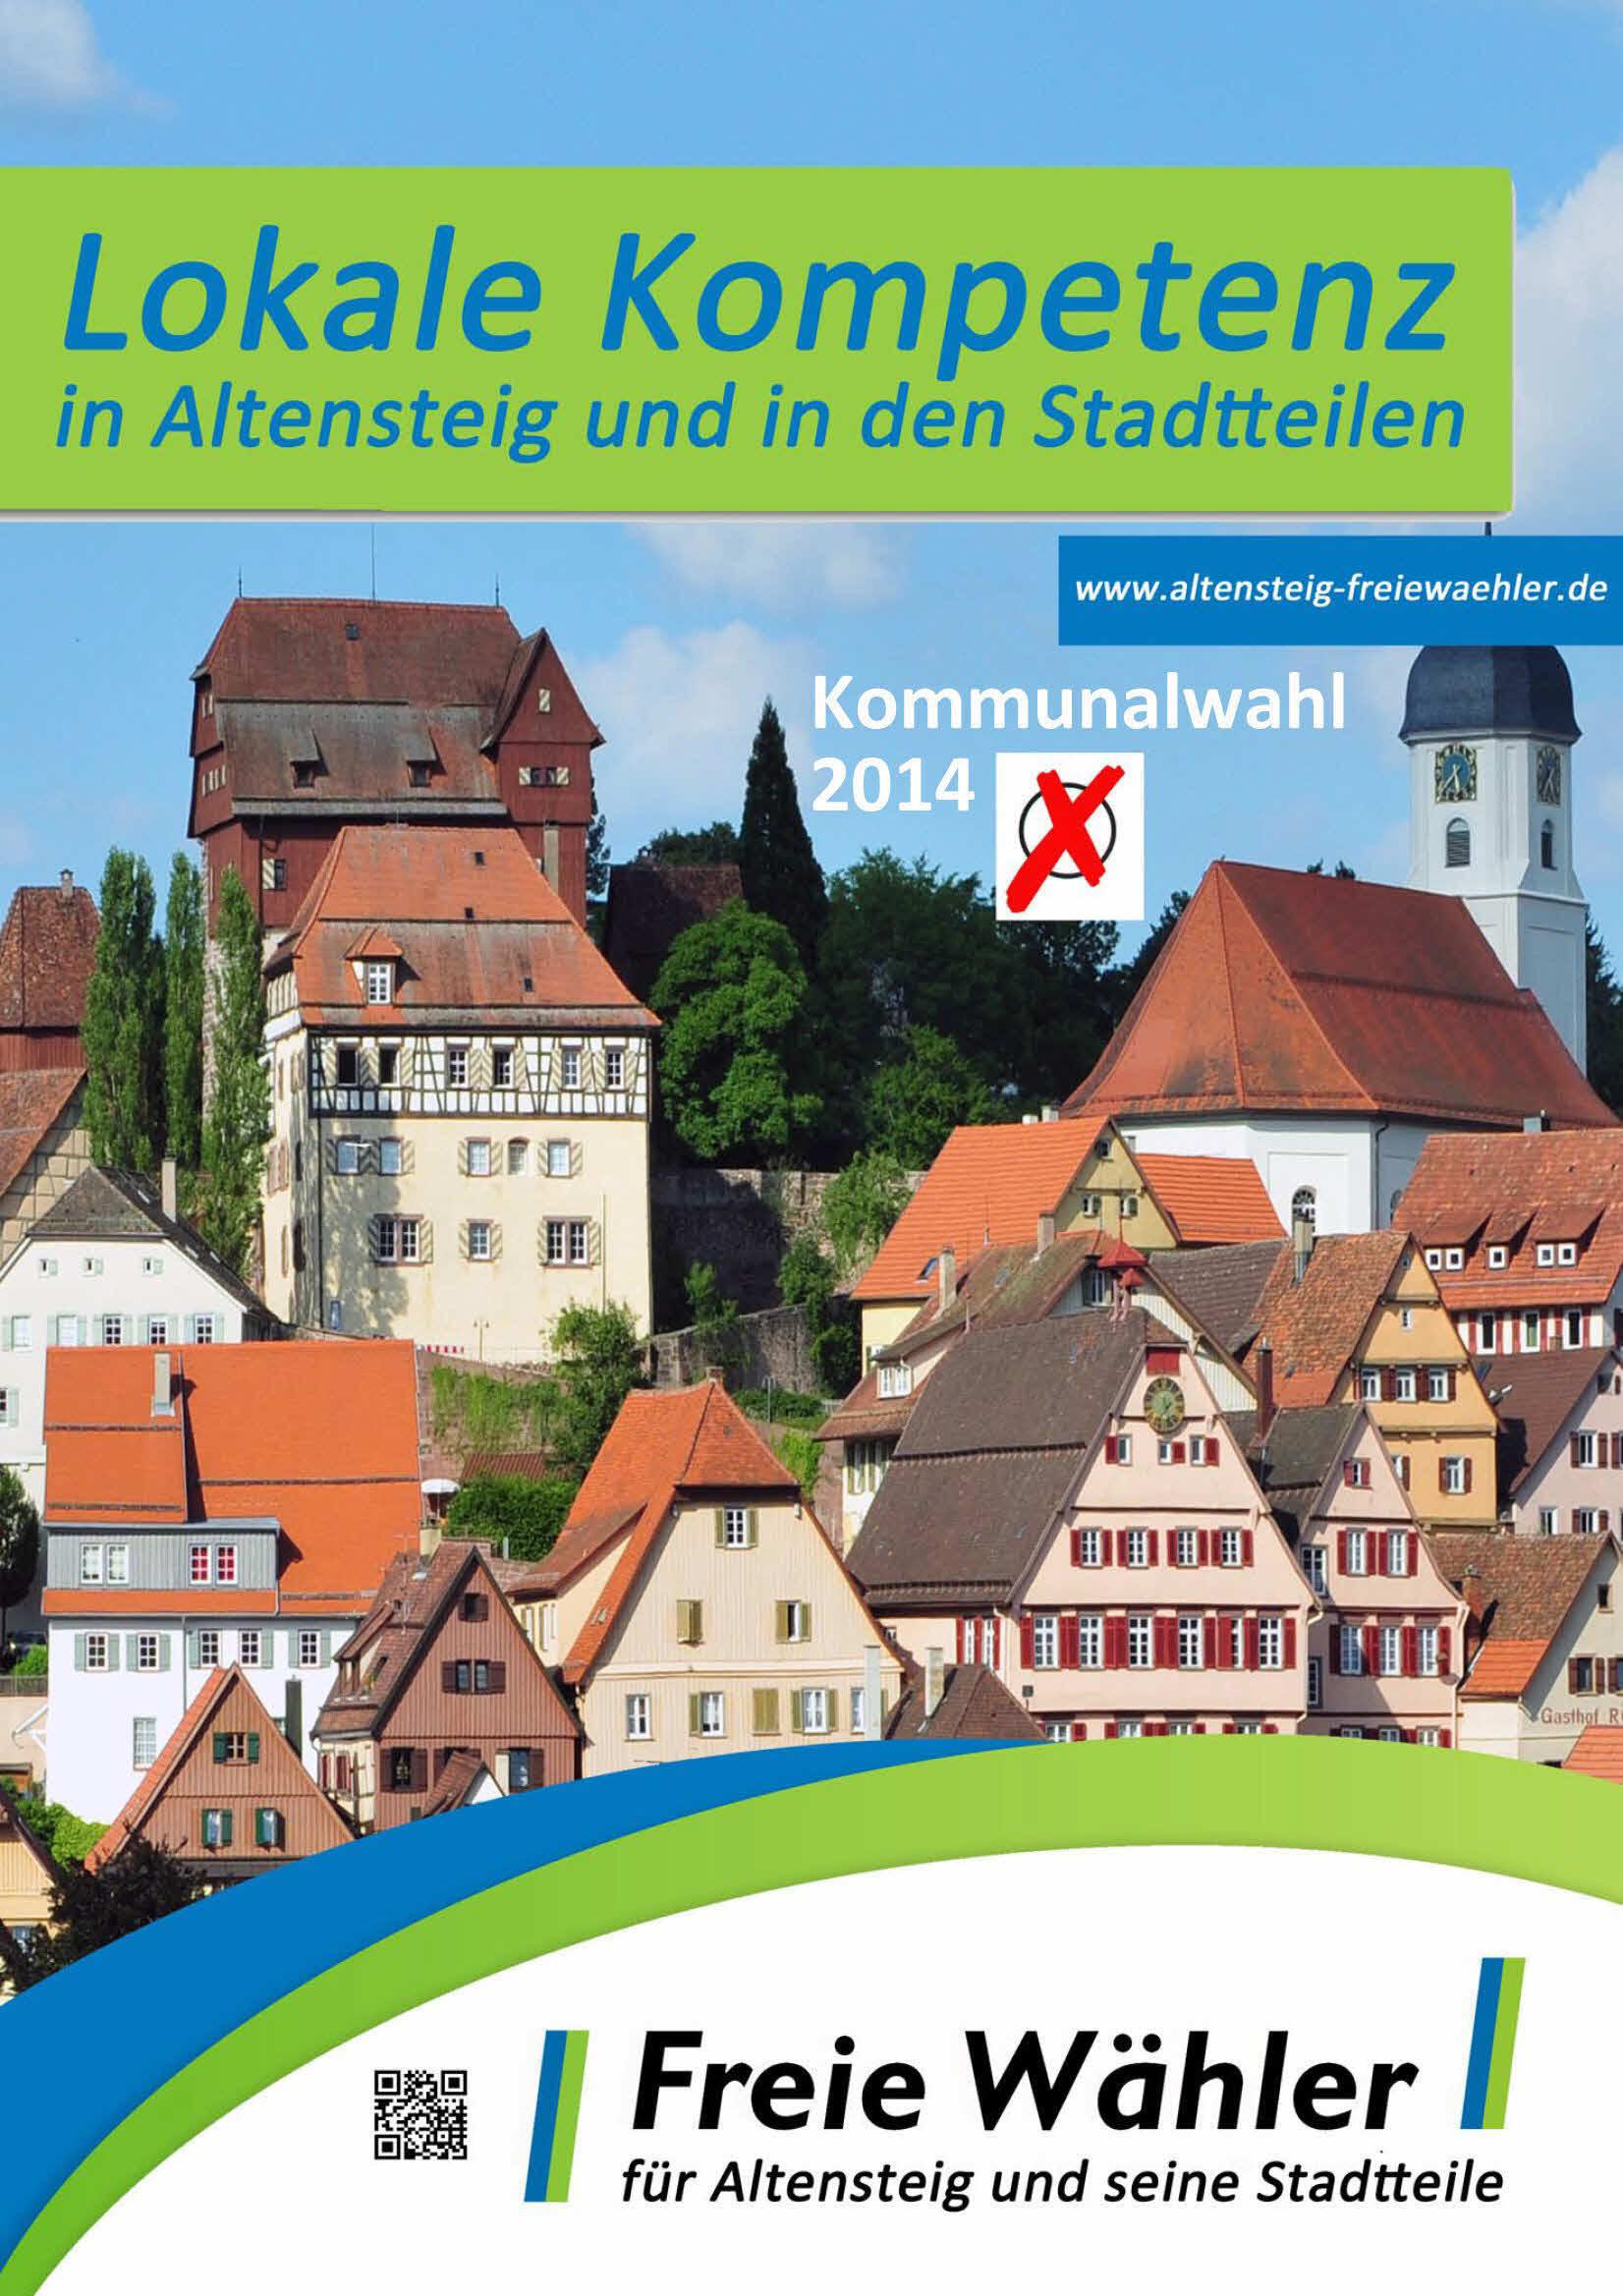 Plakat_A1_Freiewaehler_Altensteig_Plakat_1